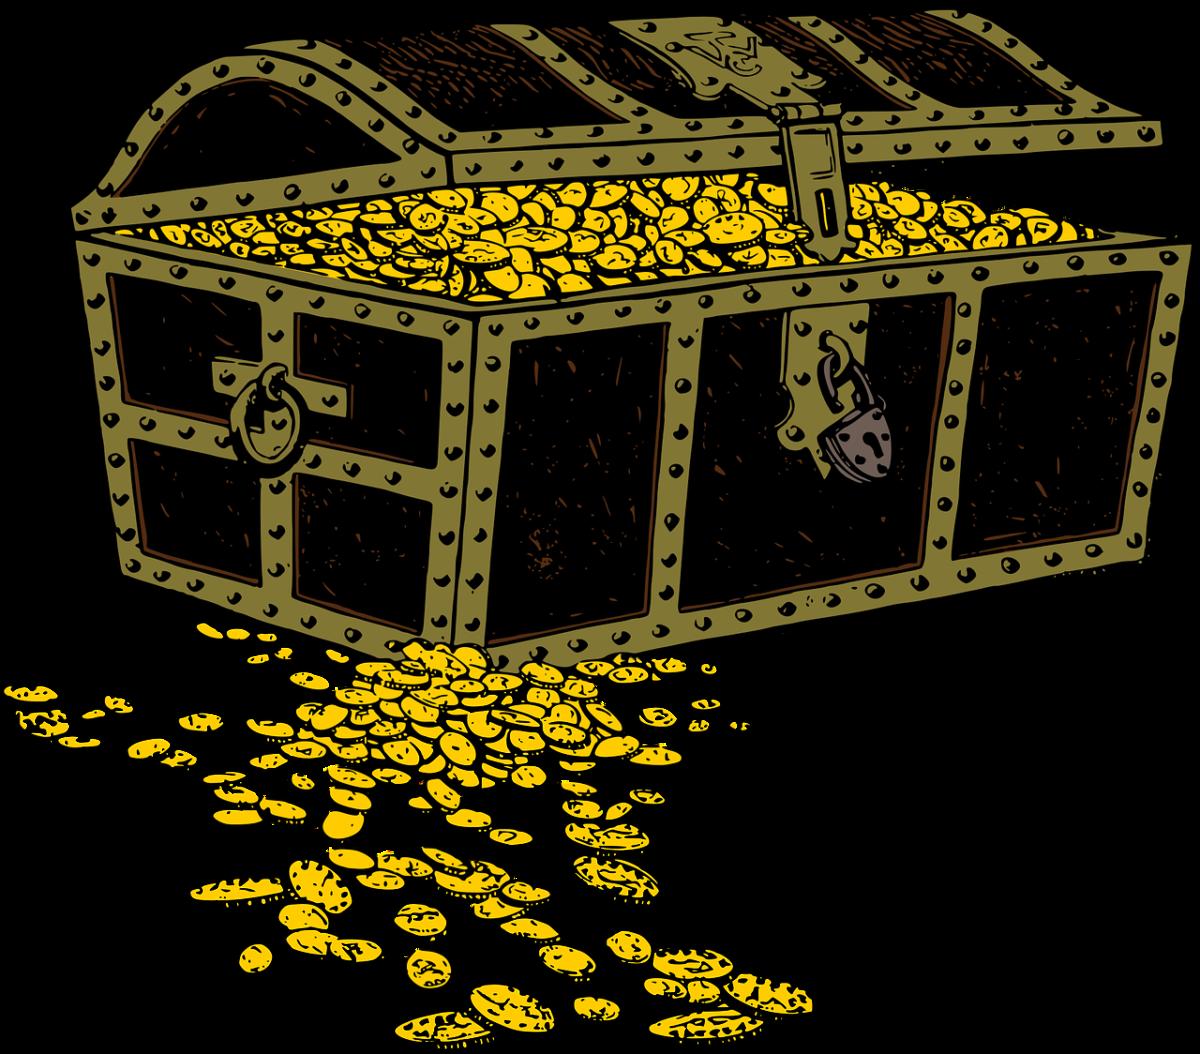 Eine Kiste mit Gold